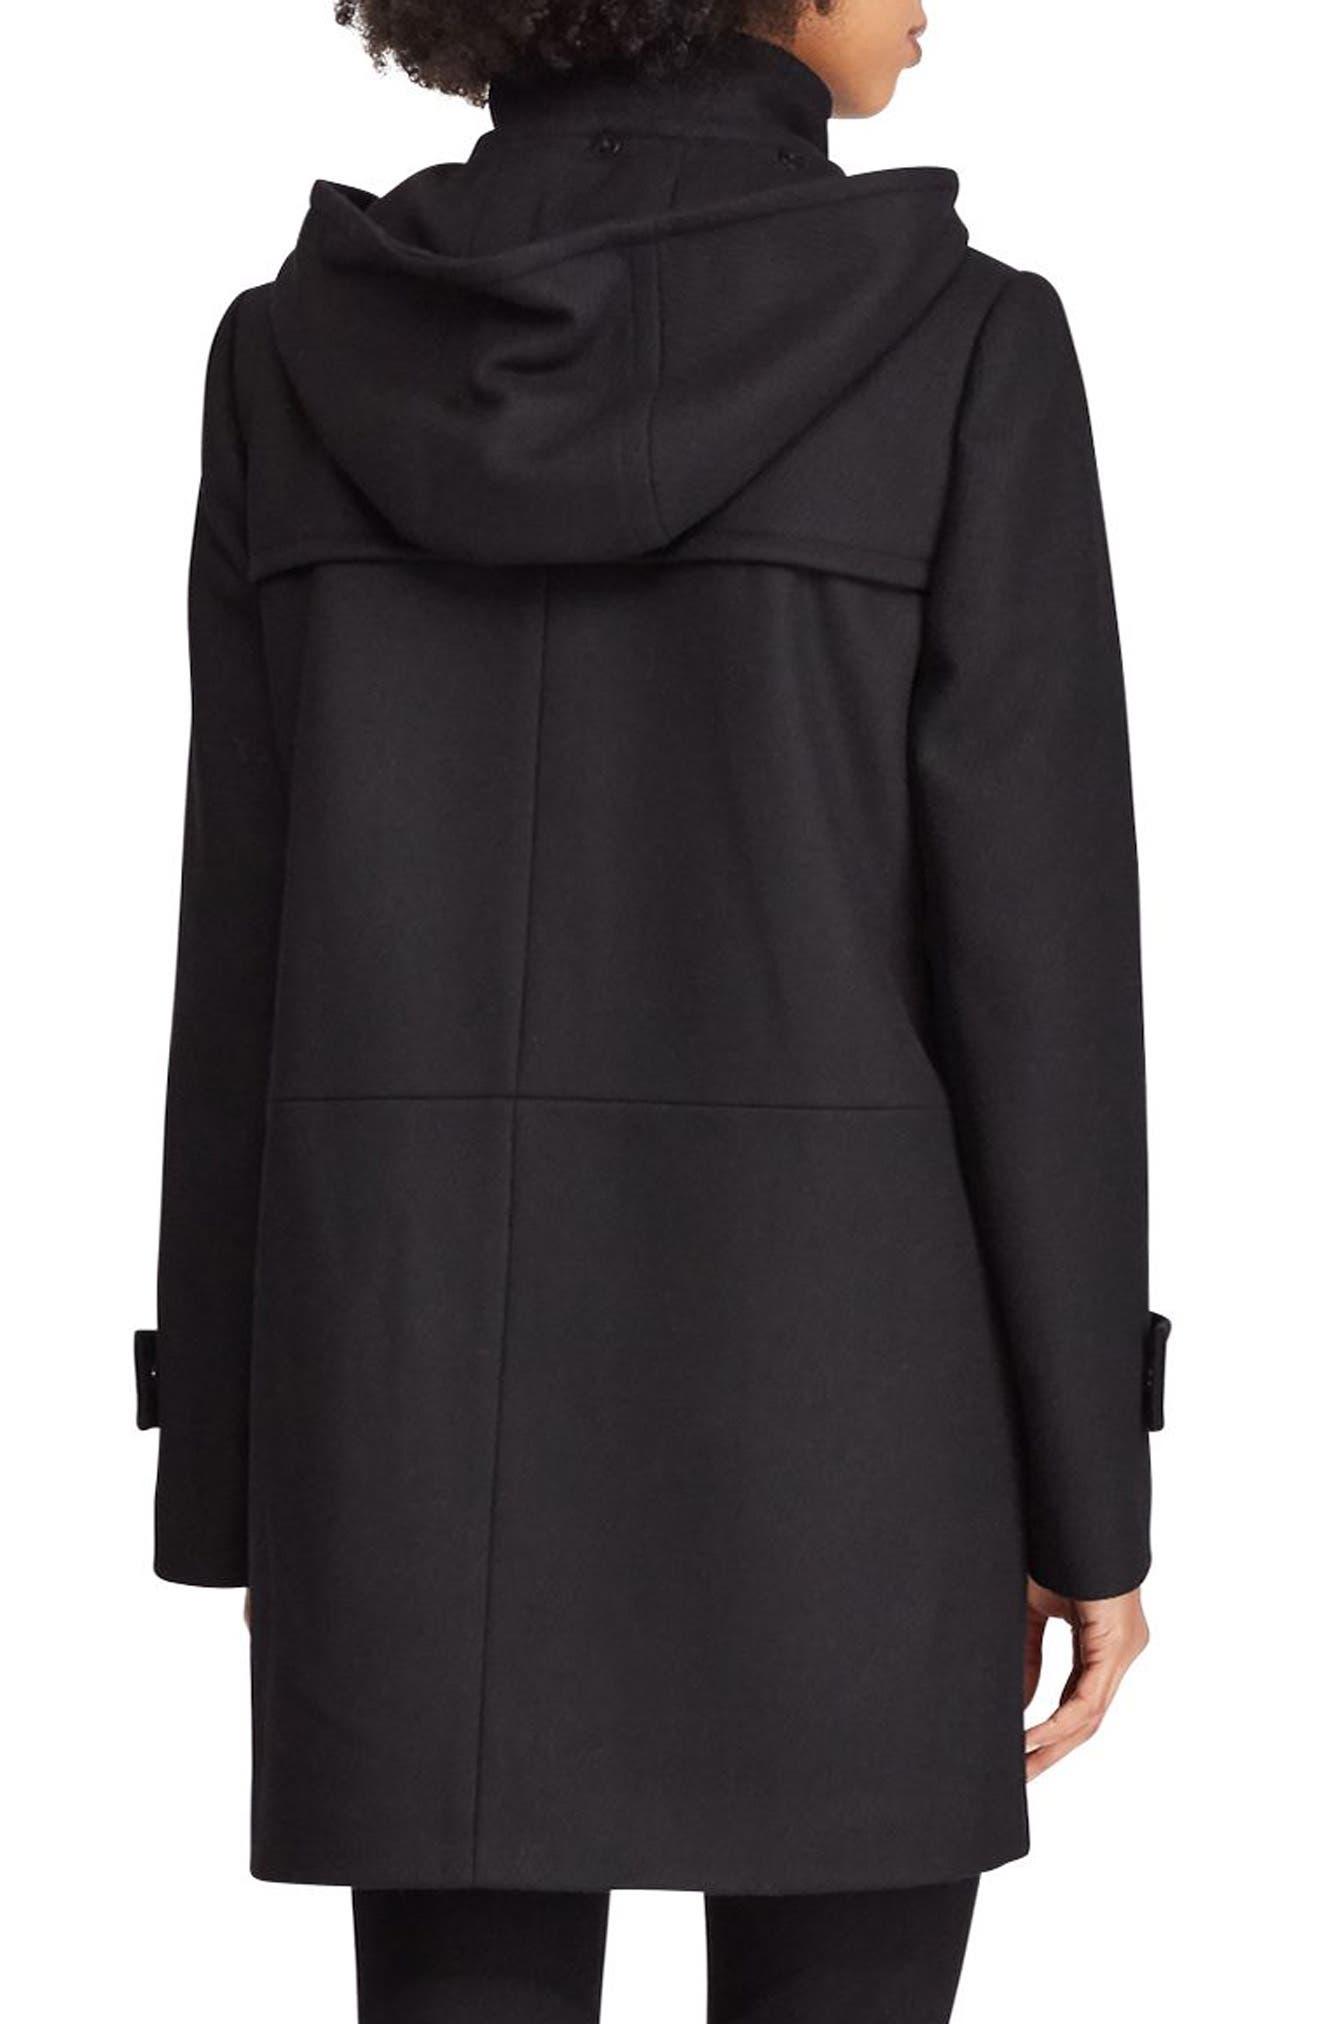 92edcc6fda04 Women s Lauren Ralph Lauren Coats   Jackets